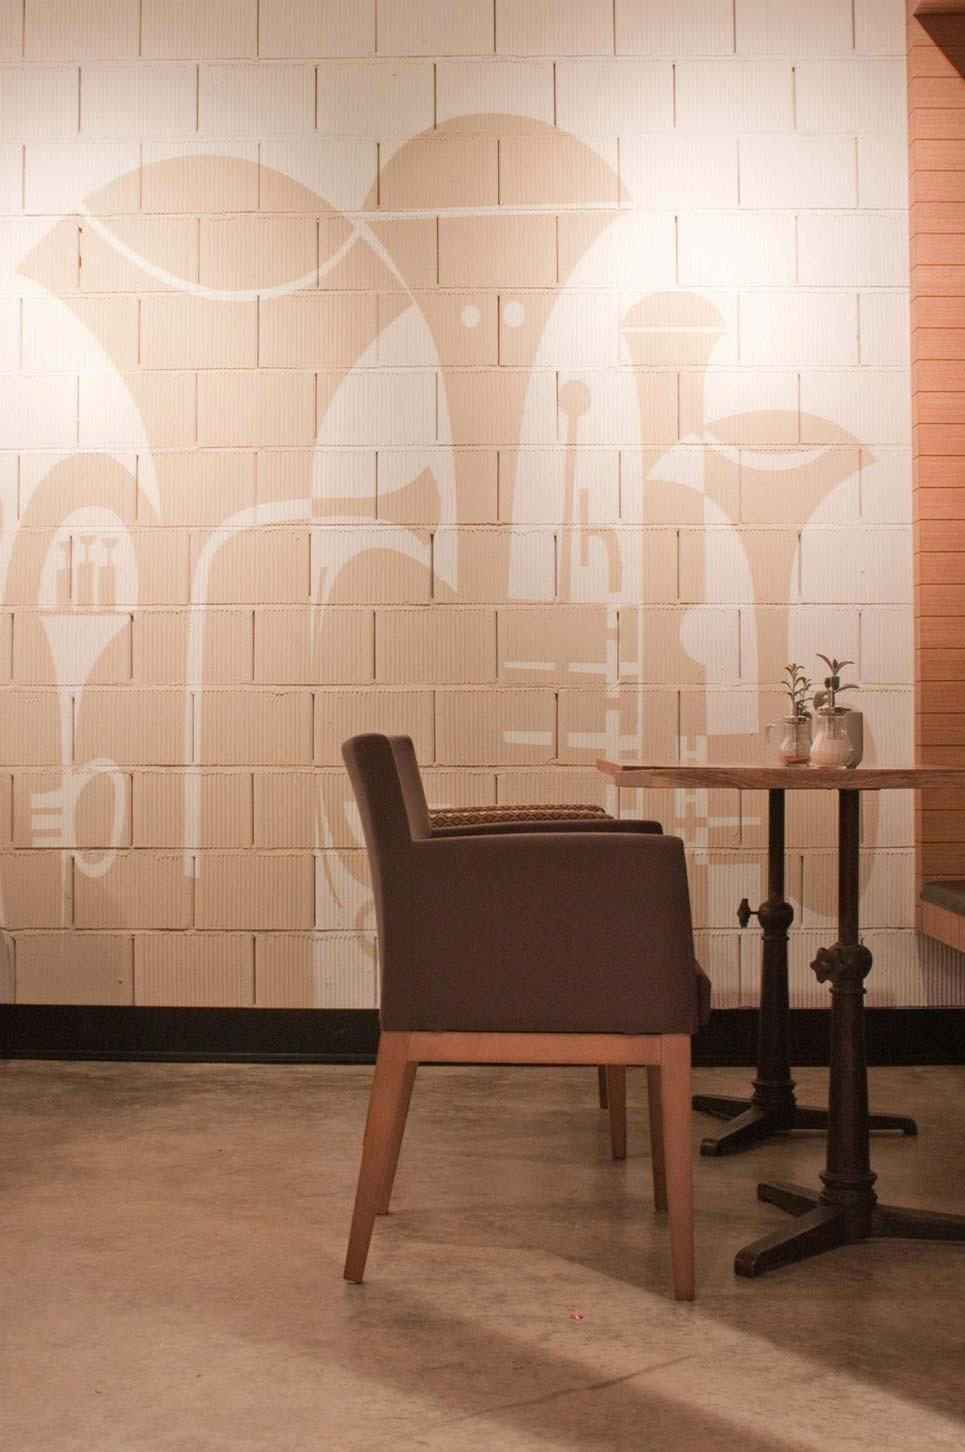 Imágenes del mobiliario vintage para cafeterías y restaurantes